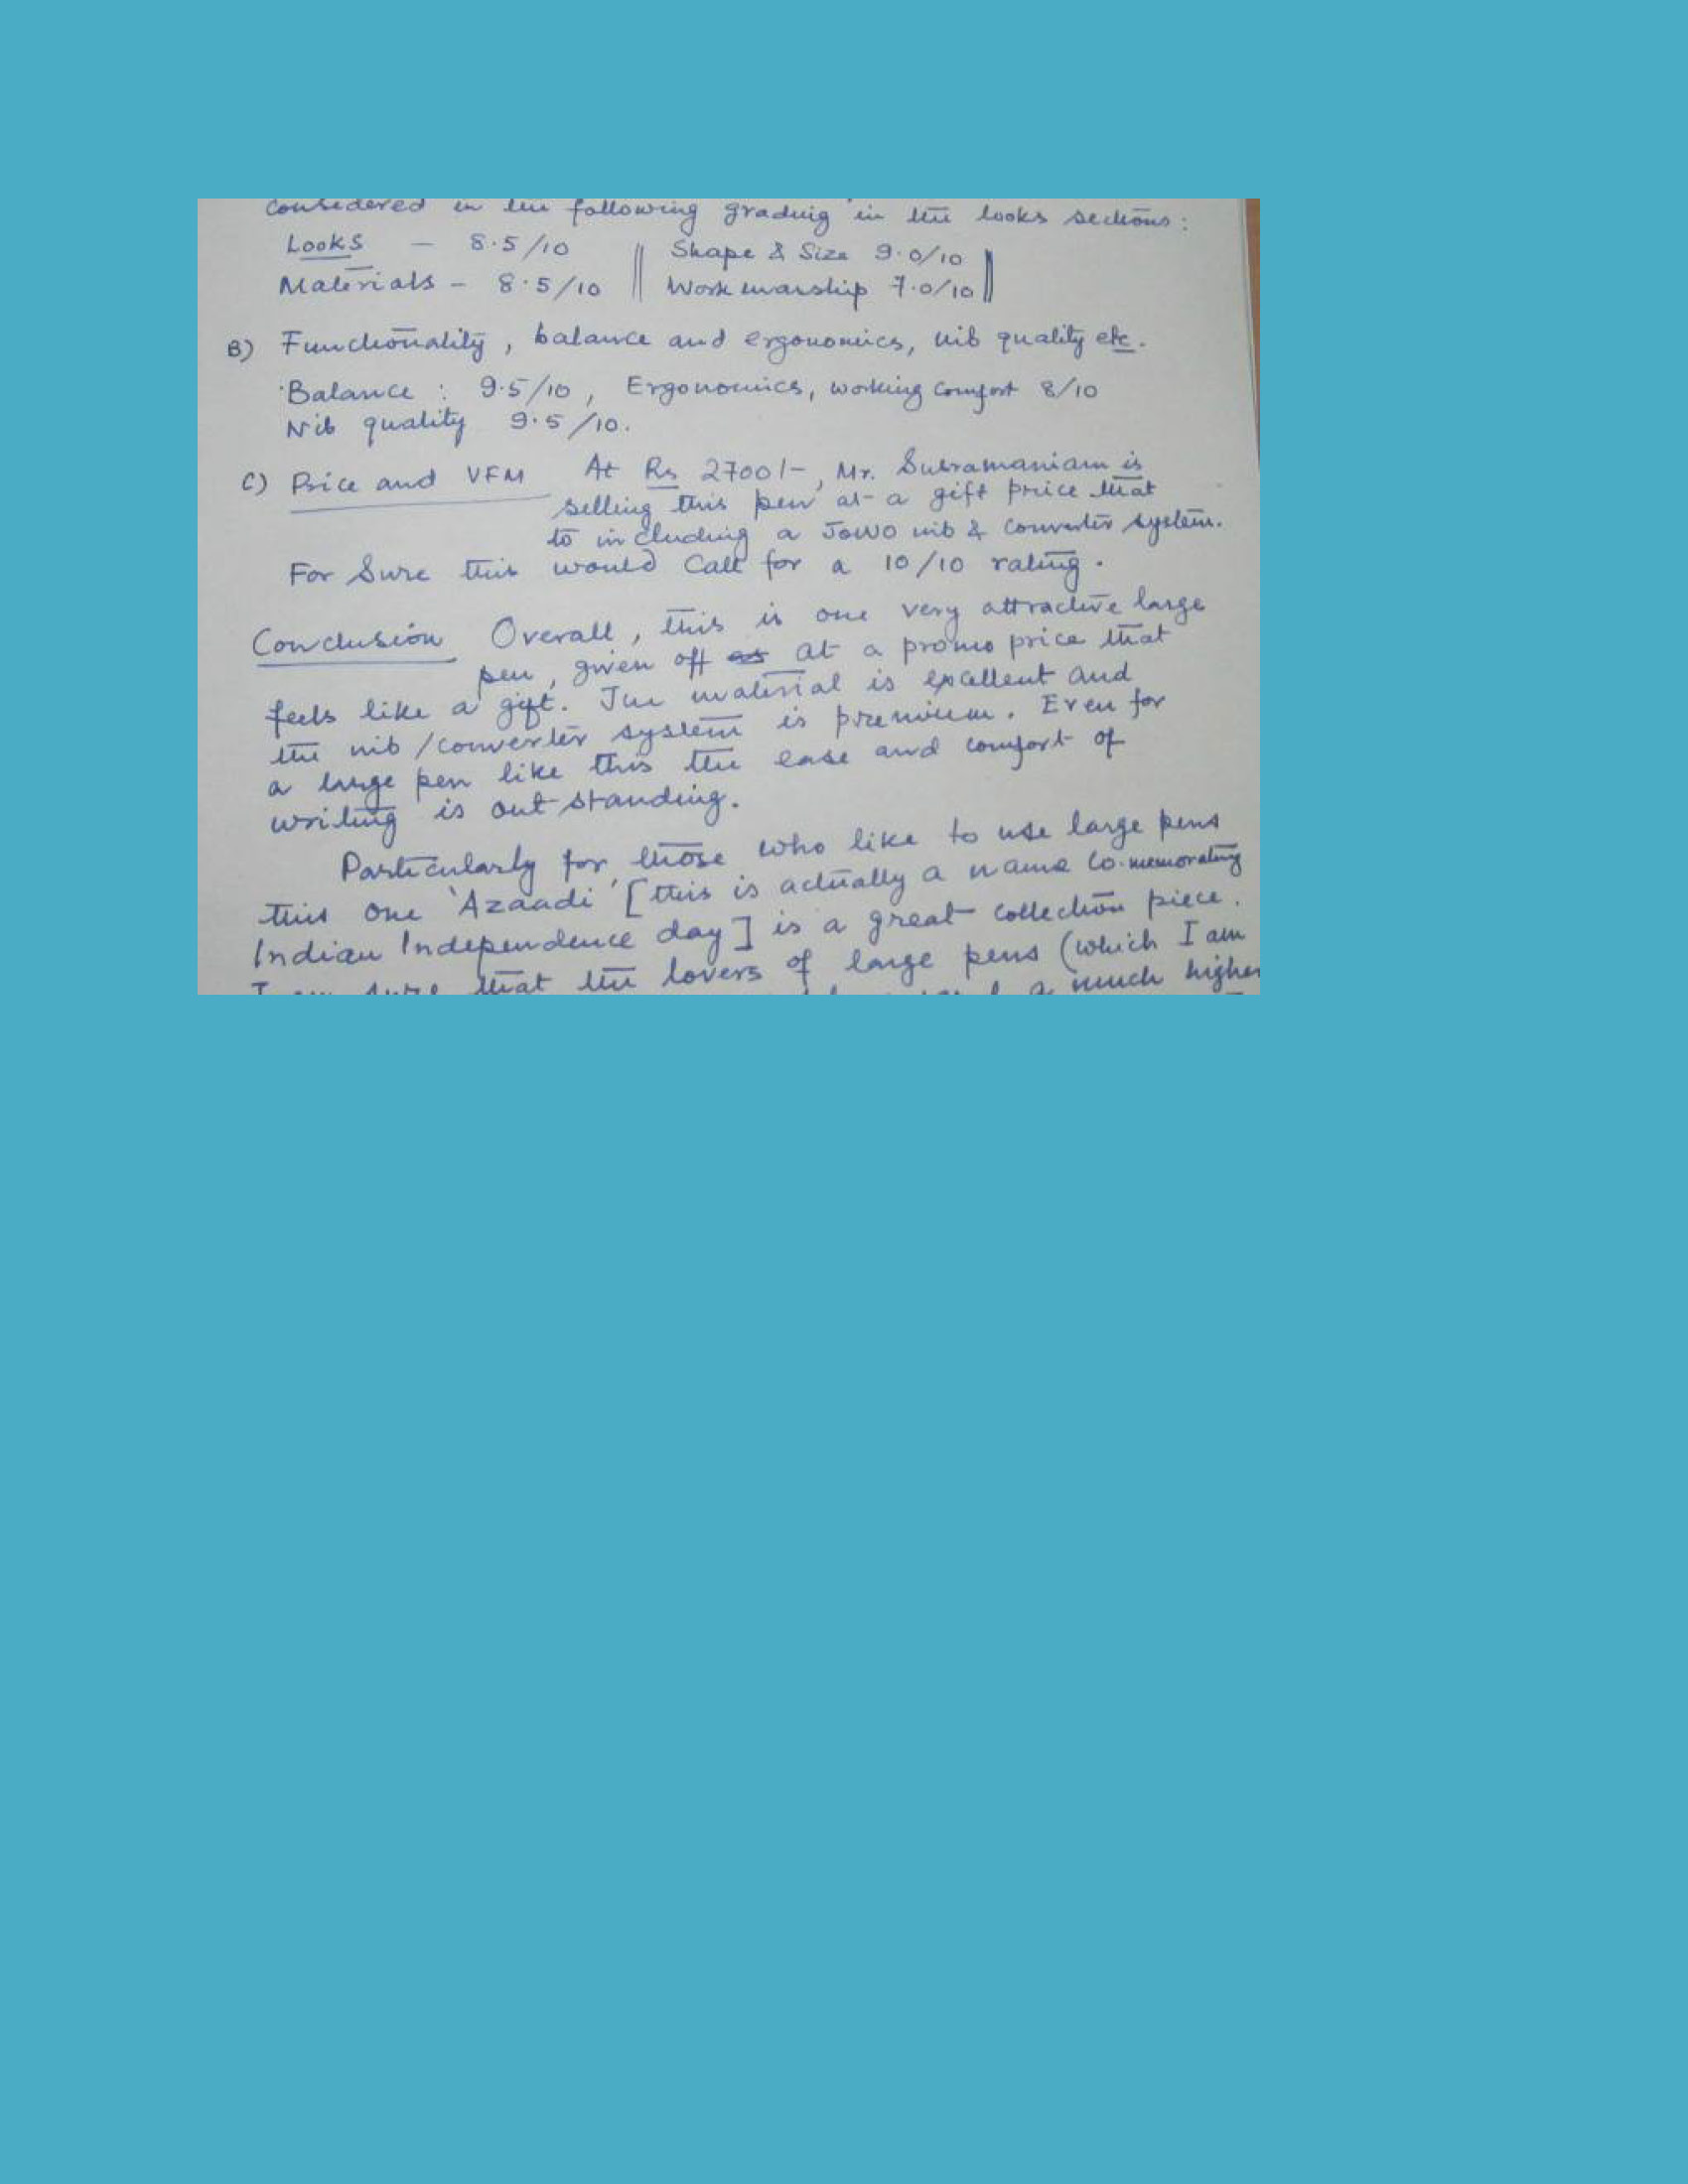 fpn_1454169453__asa_azaadi_review_page_7